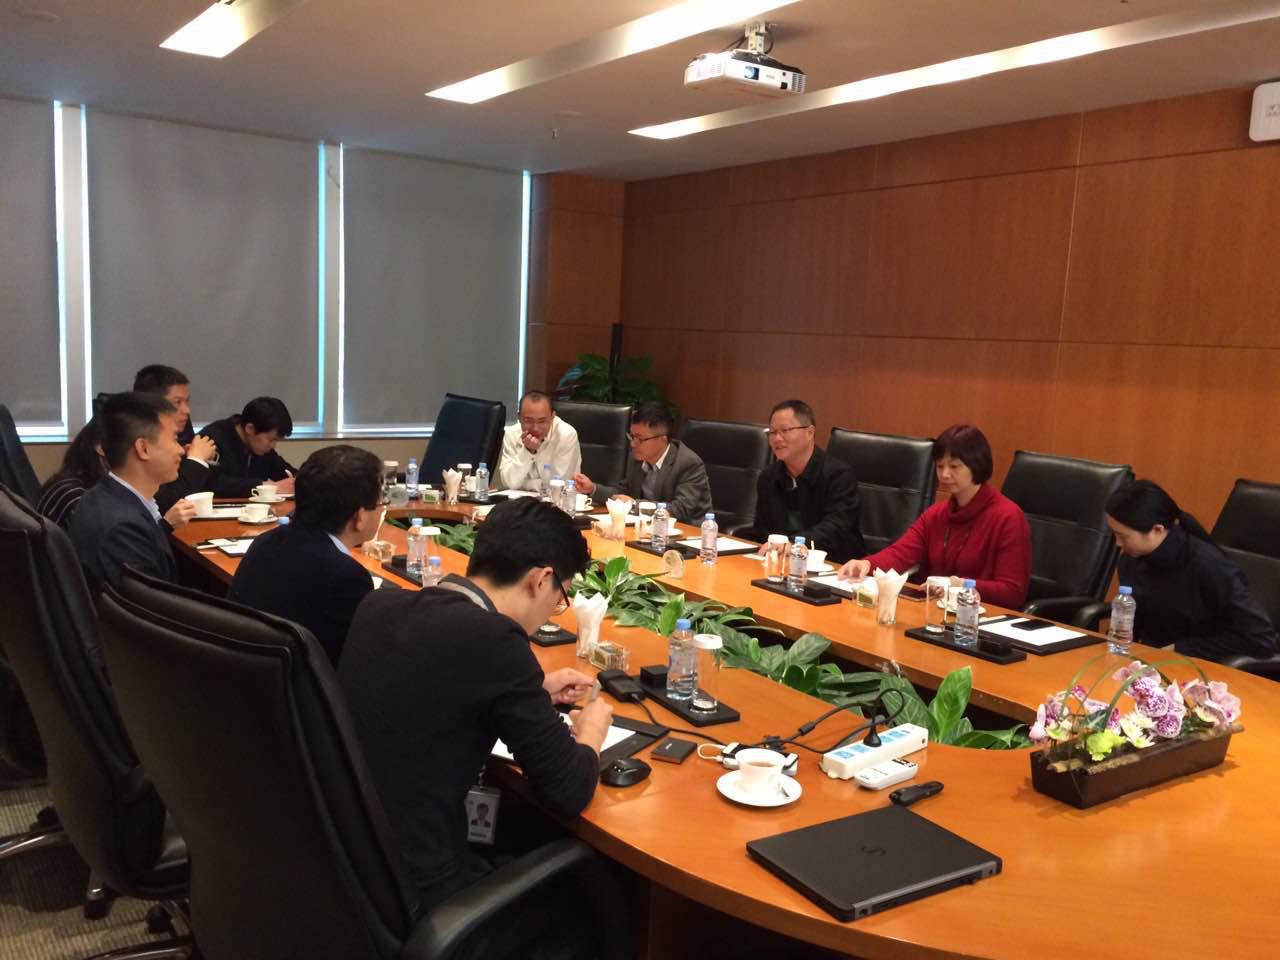 深圳市第二职业技术学校许卫东副校长一行莅临鸿普森参观指导